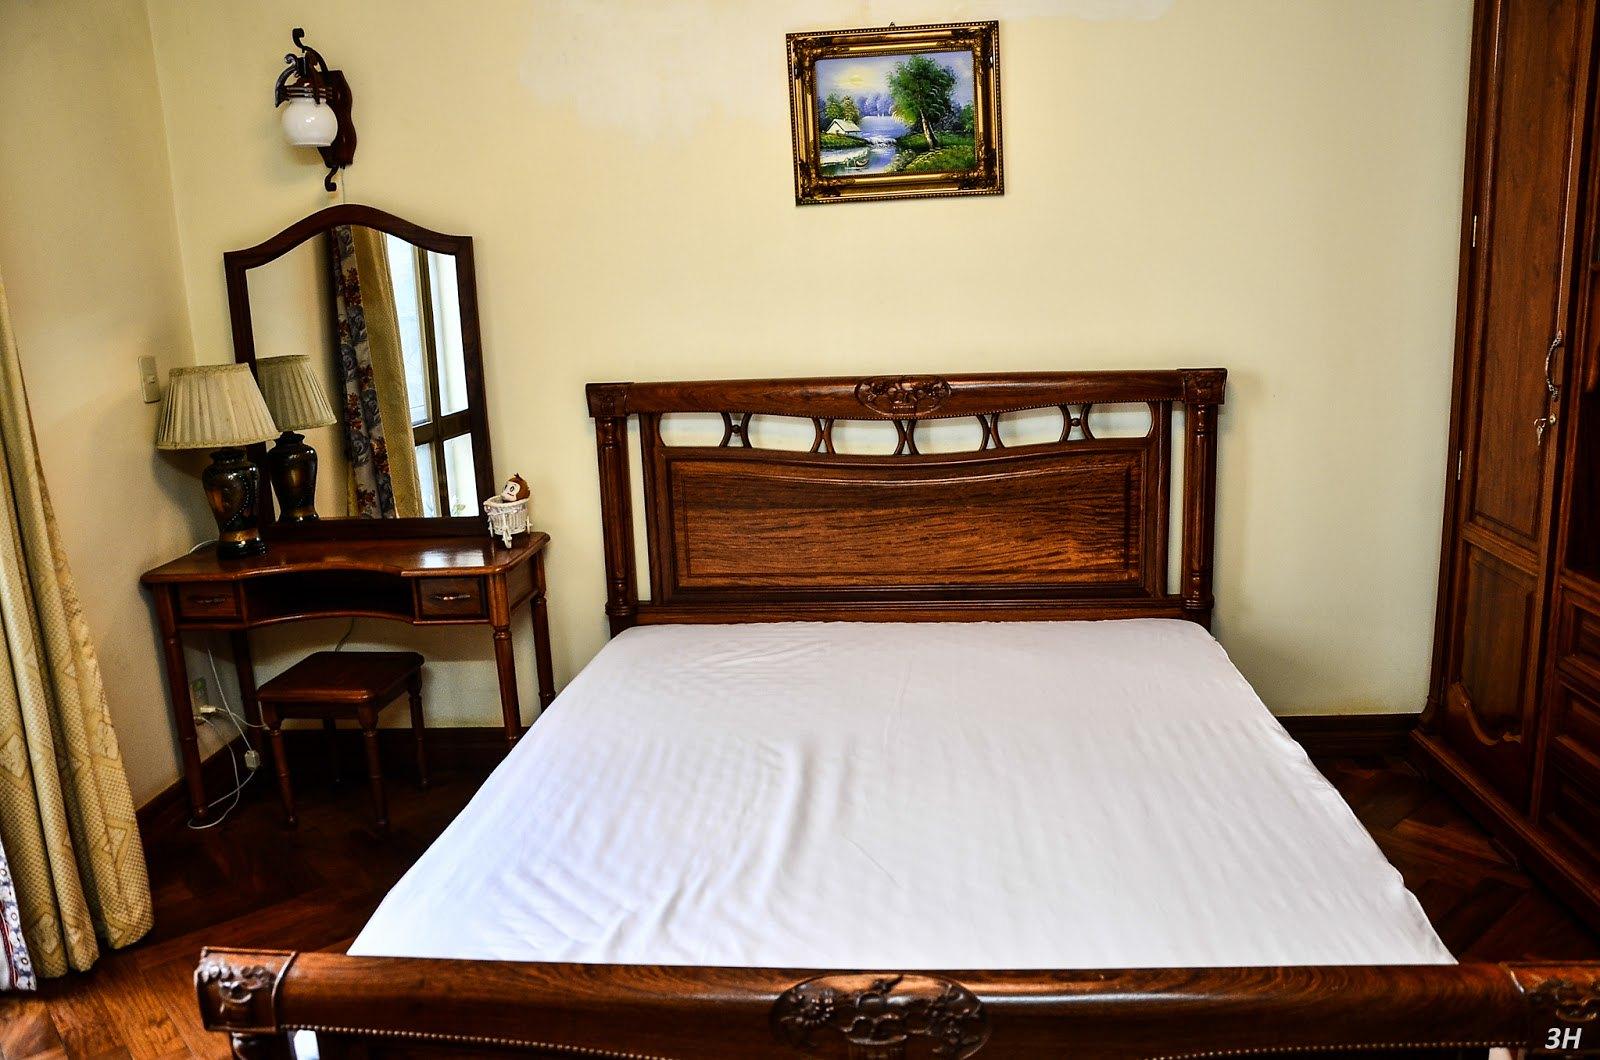 """Khách sạn Hải Phòng - Phòng ngủ Tân Long Văn Cao Garden Serviced Apartment & Hottel  <img src=""""images/"""" width="""""""" height="""""""" alt=""""Công ty Bất Động Sản Tanlong Land"""">"""